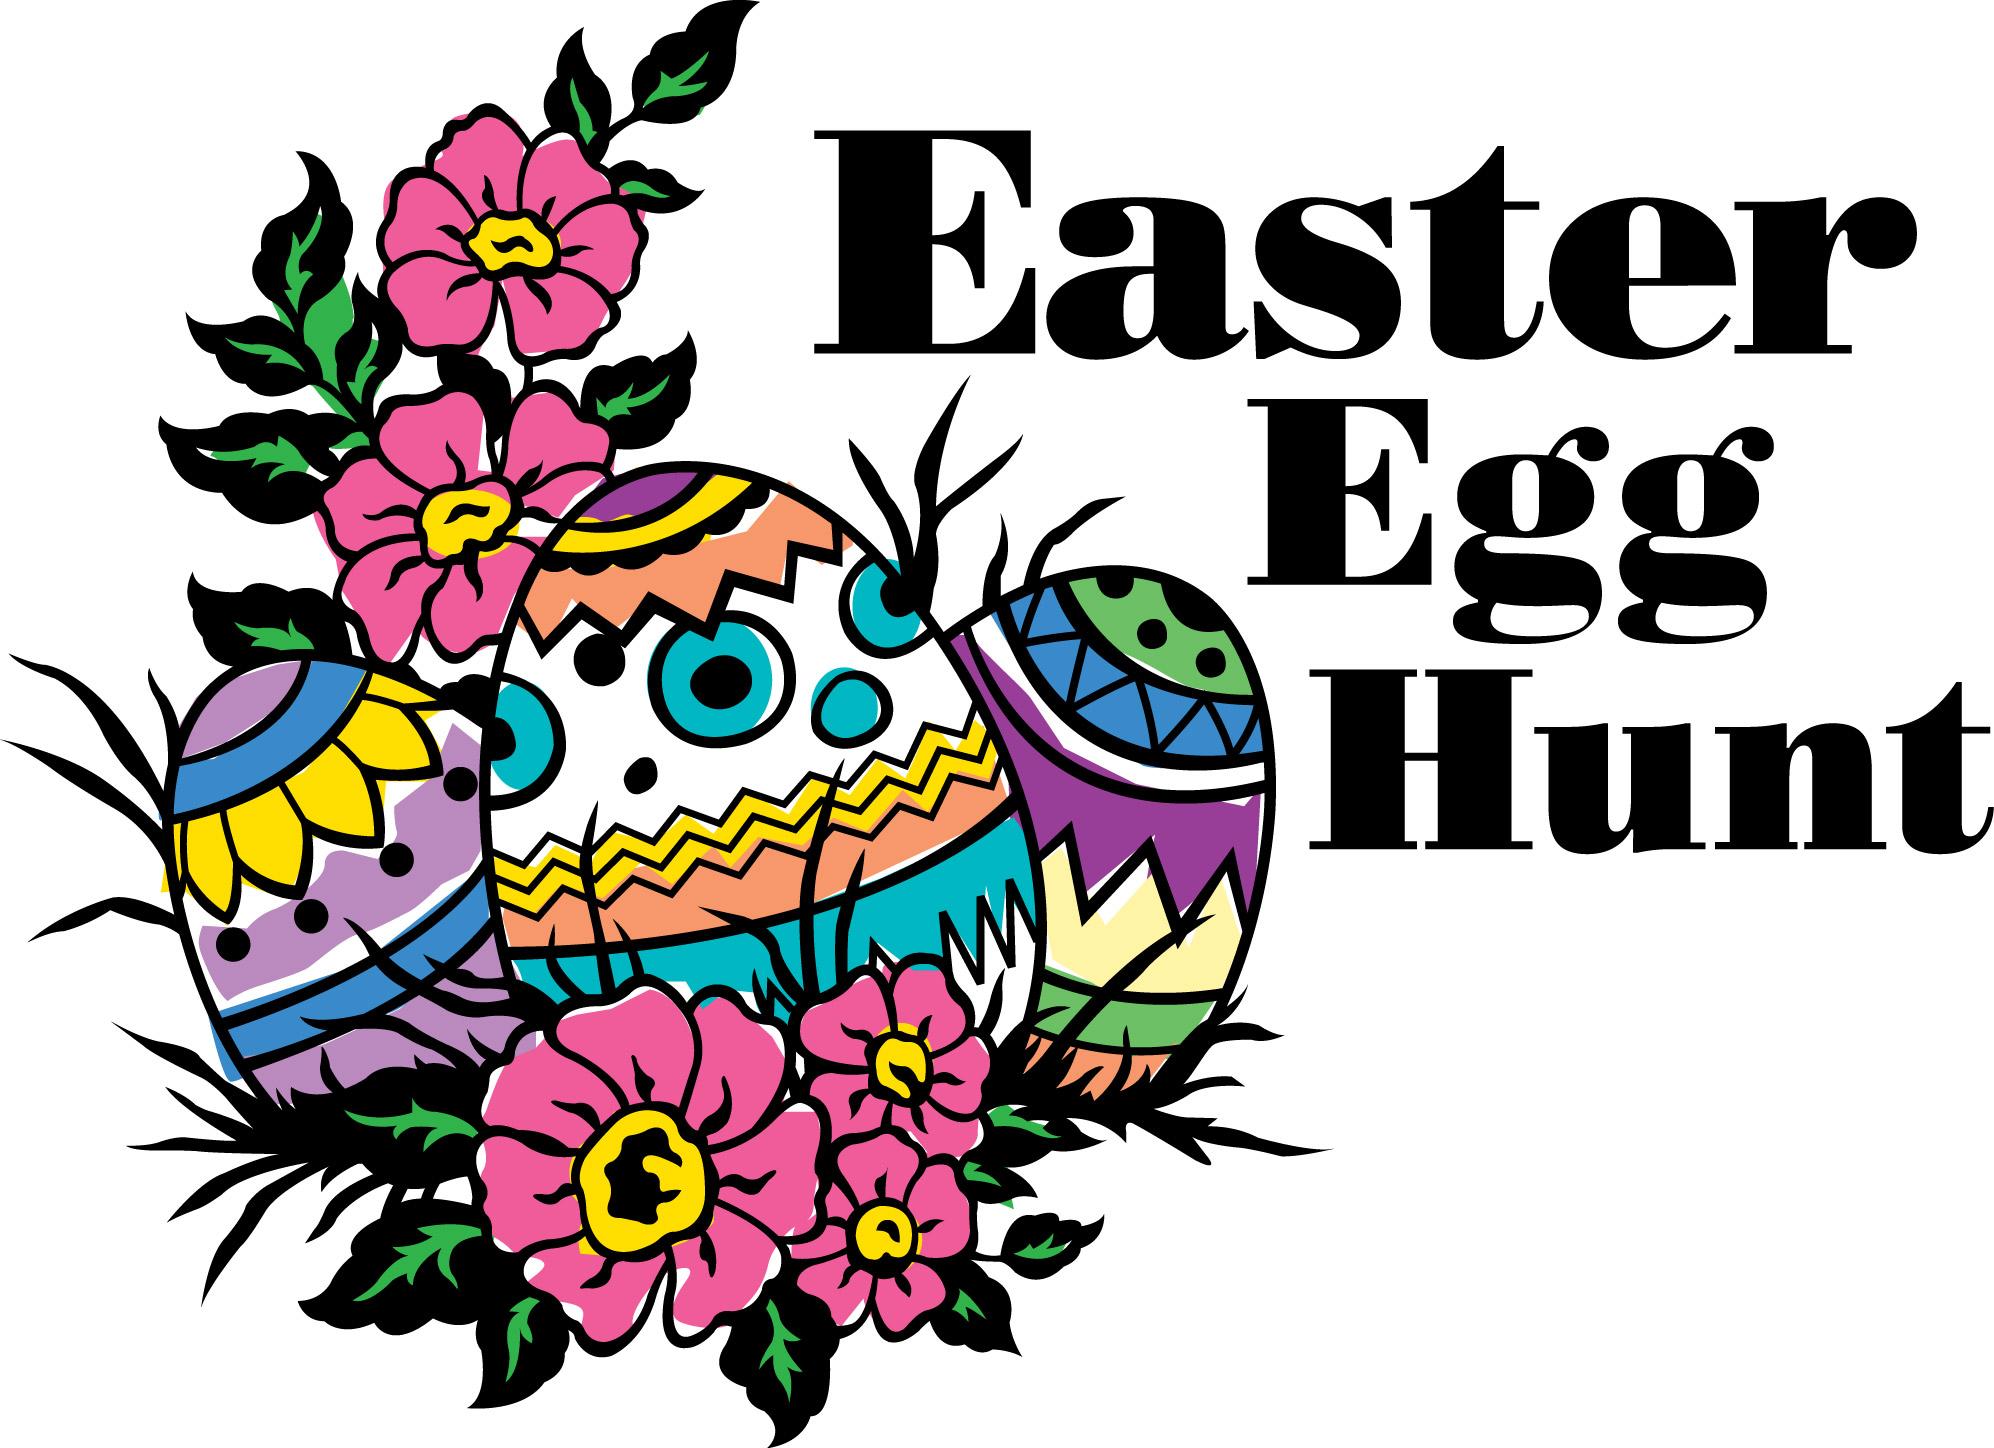 Annual easter egg hunt clipart svg transparent library Easter egg hunt clip art - ClipartFest svg transparent library